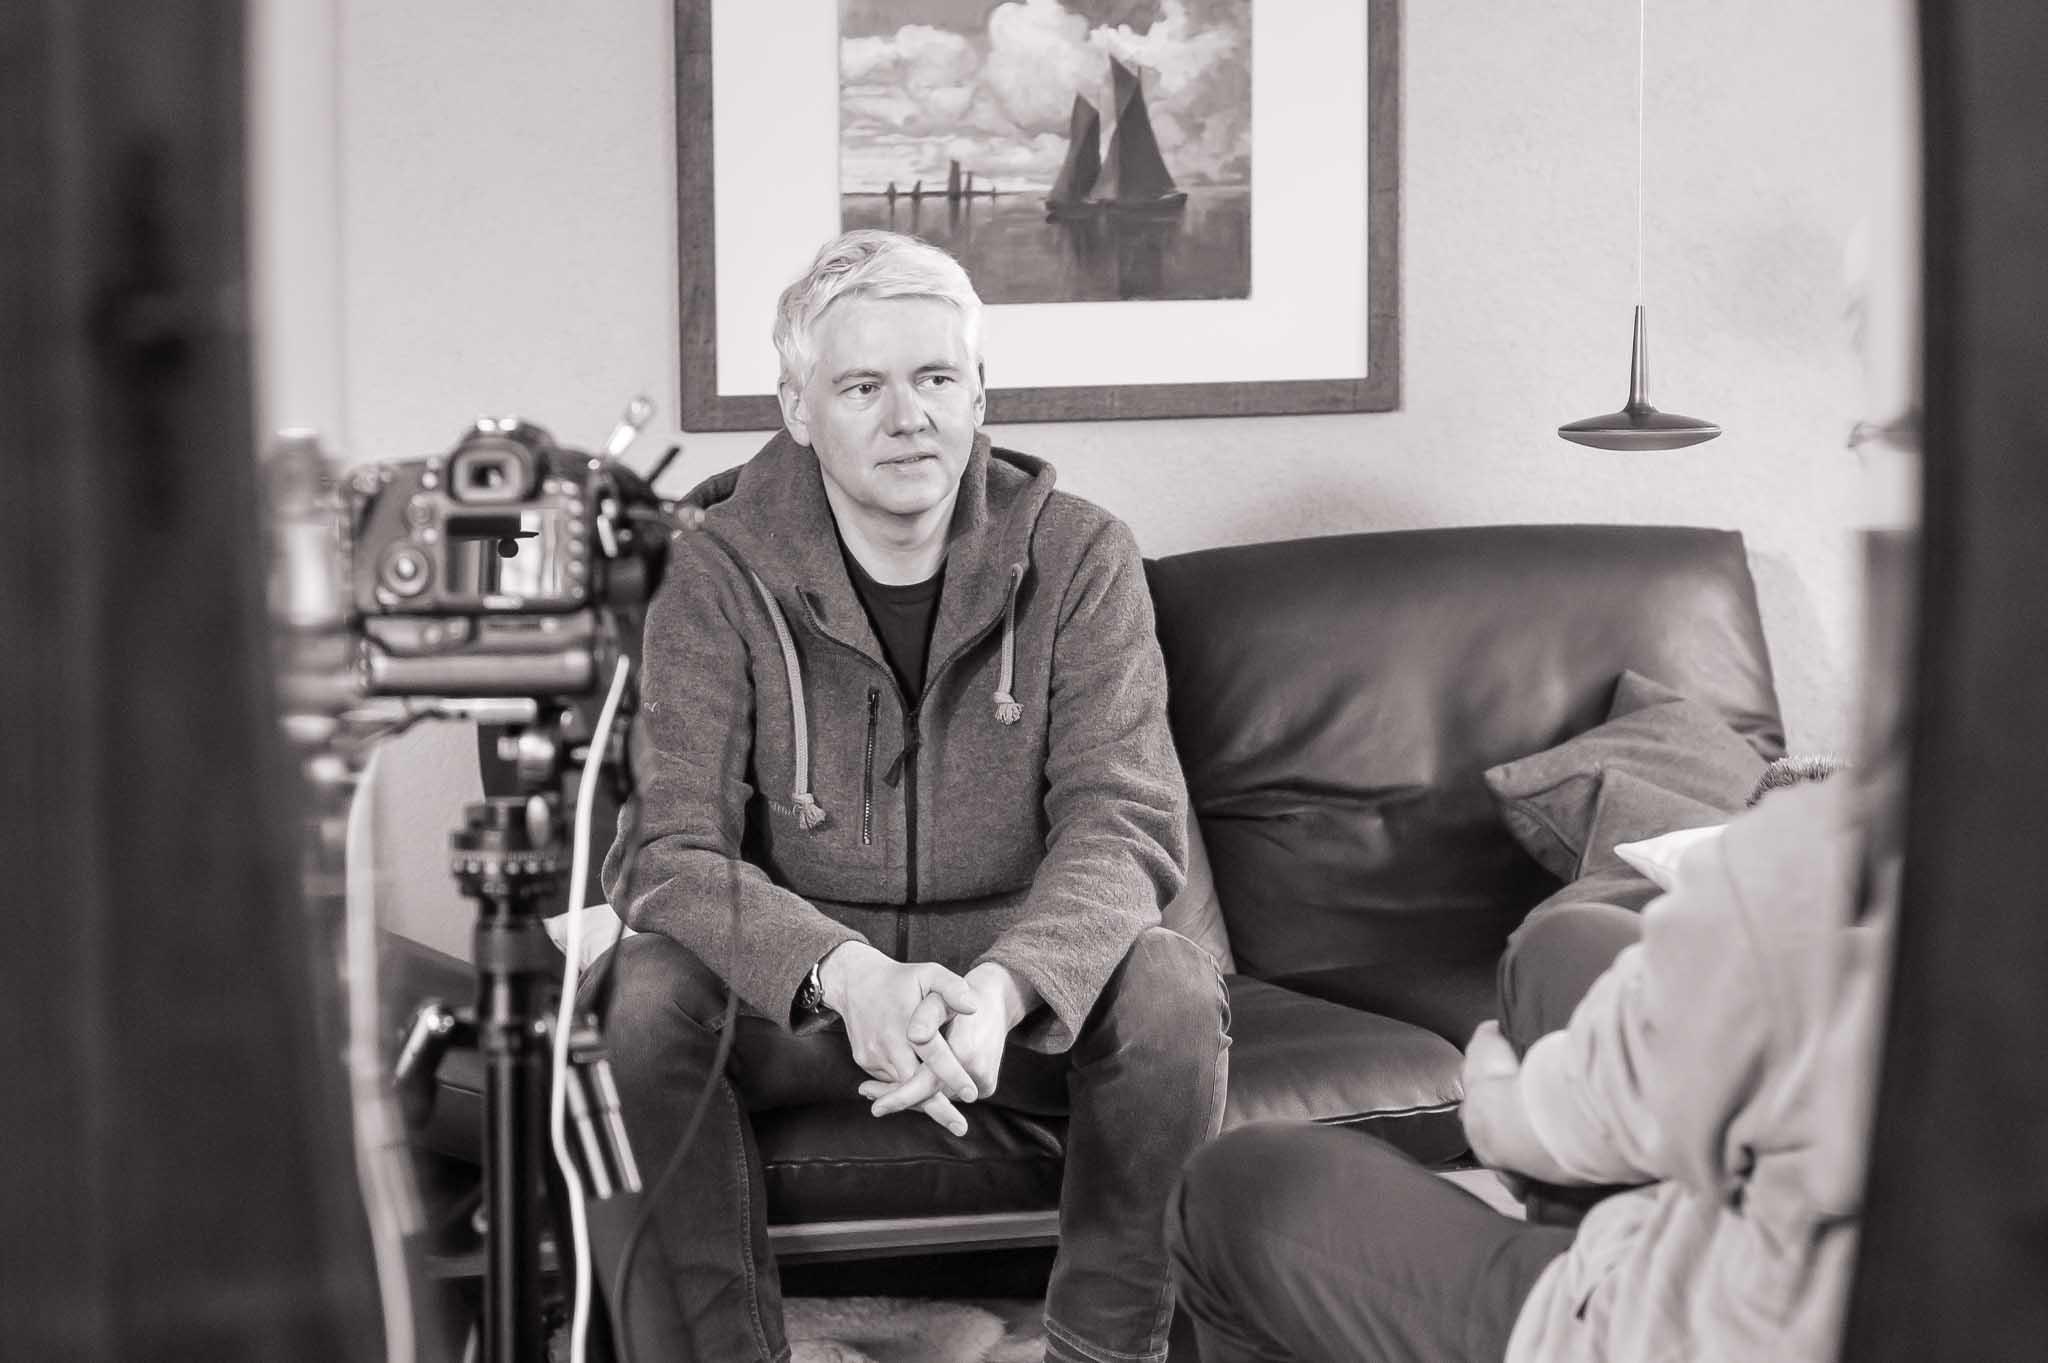 Michael und Burkhard im Interview in Michaels Wohnzimmer